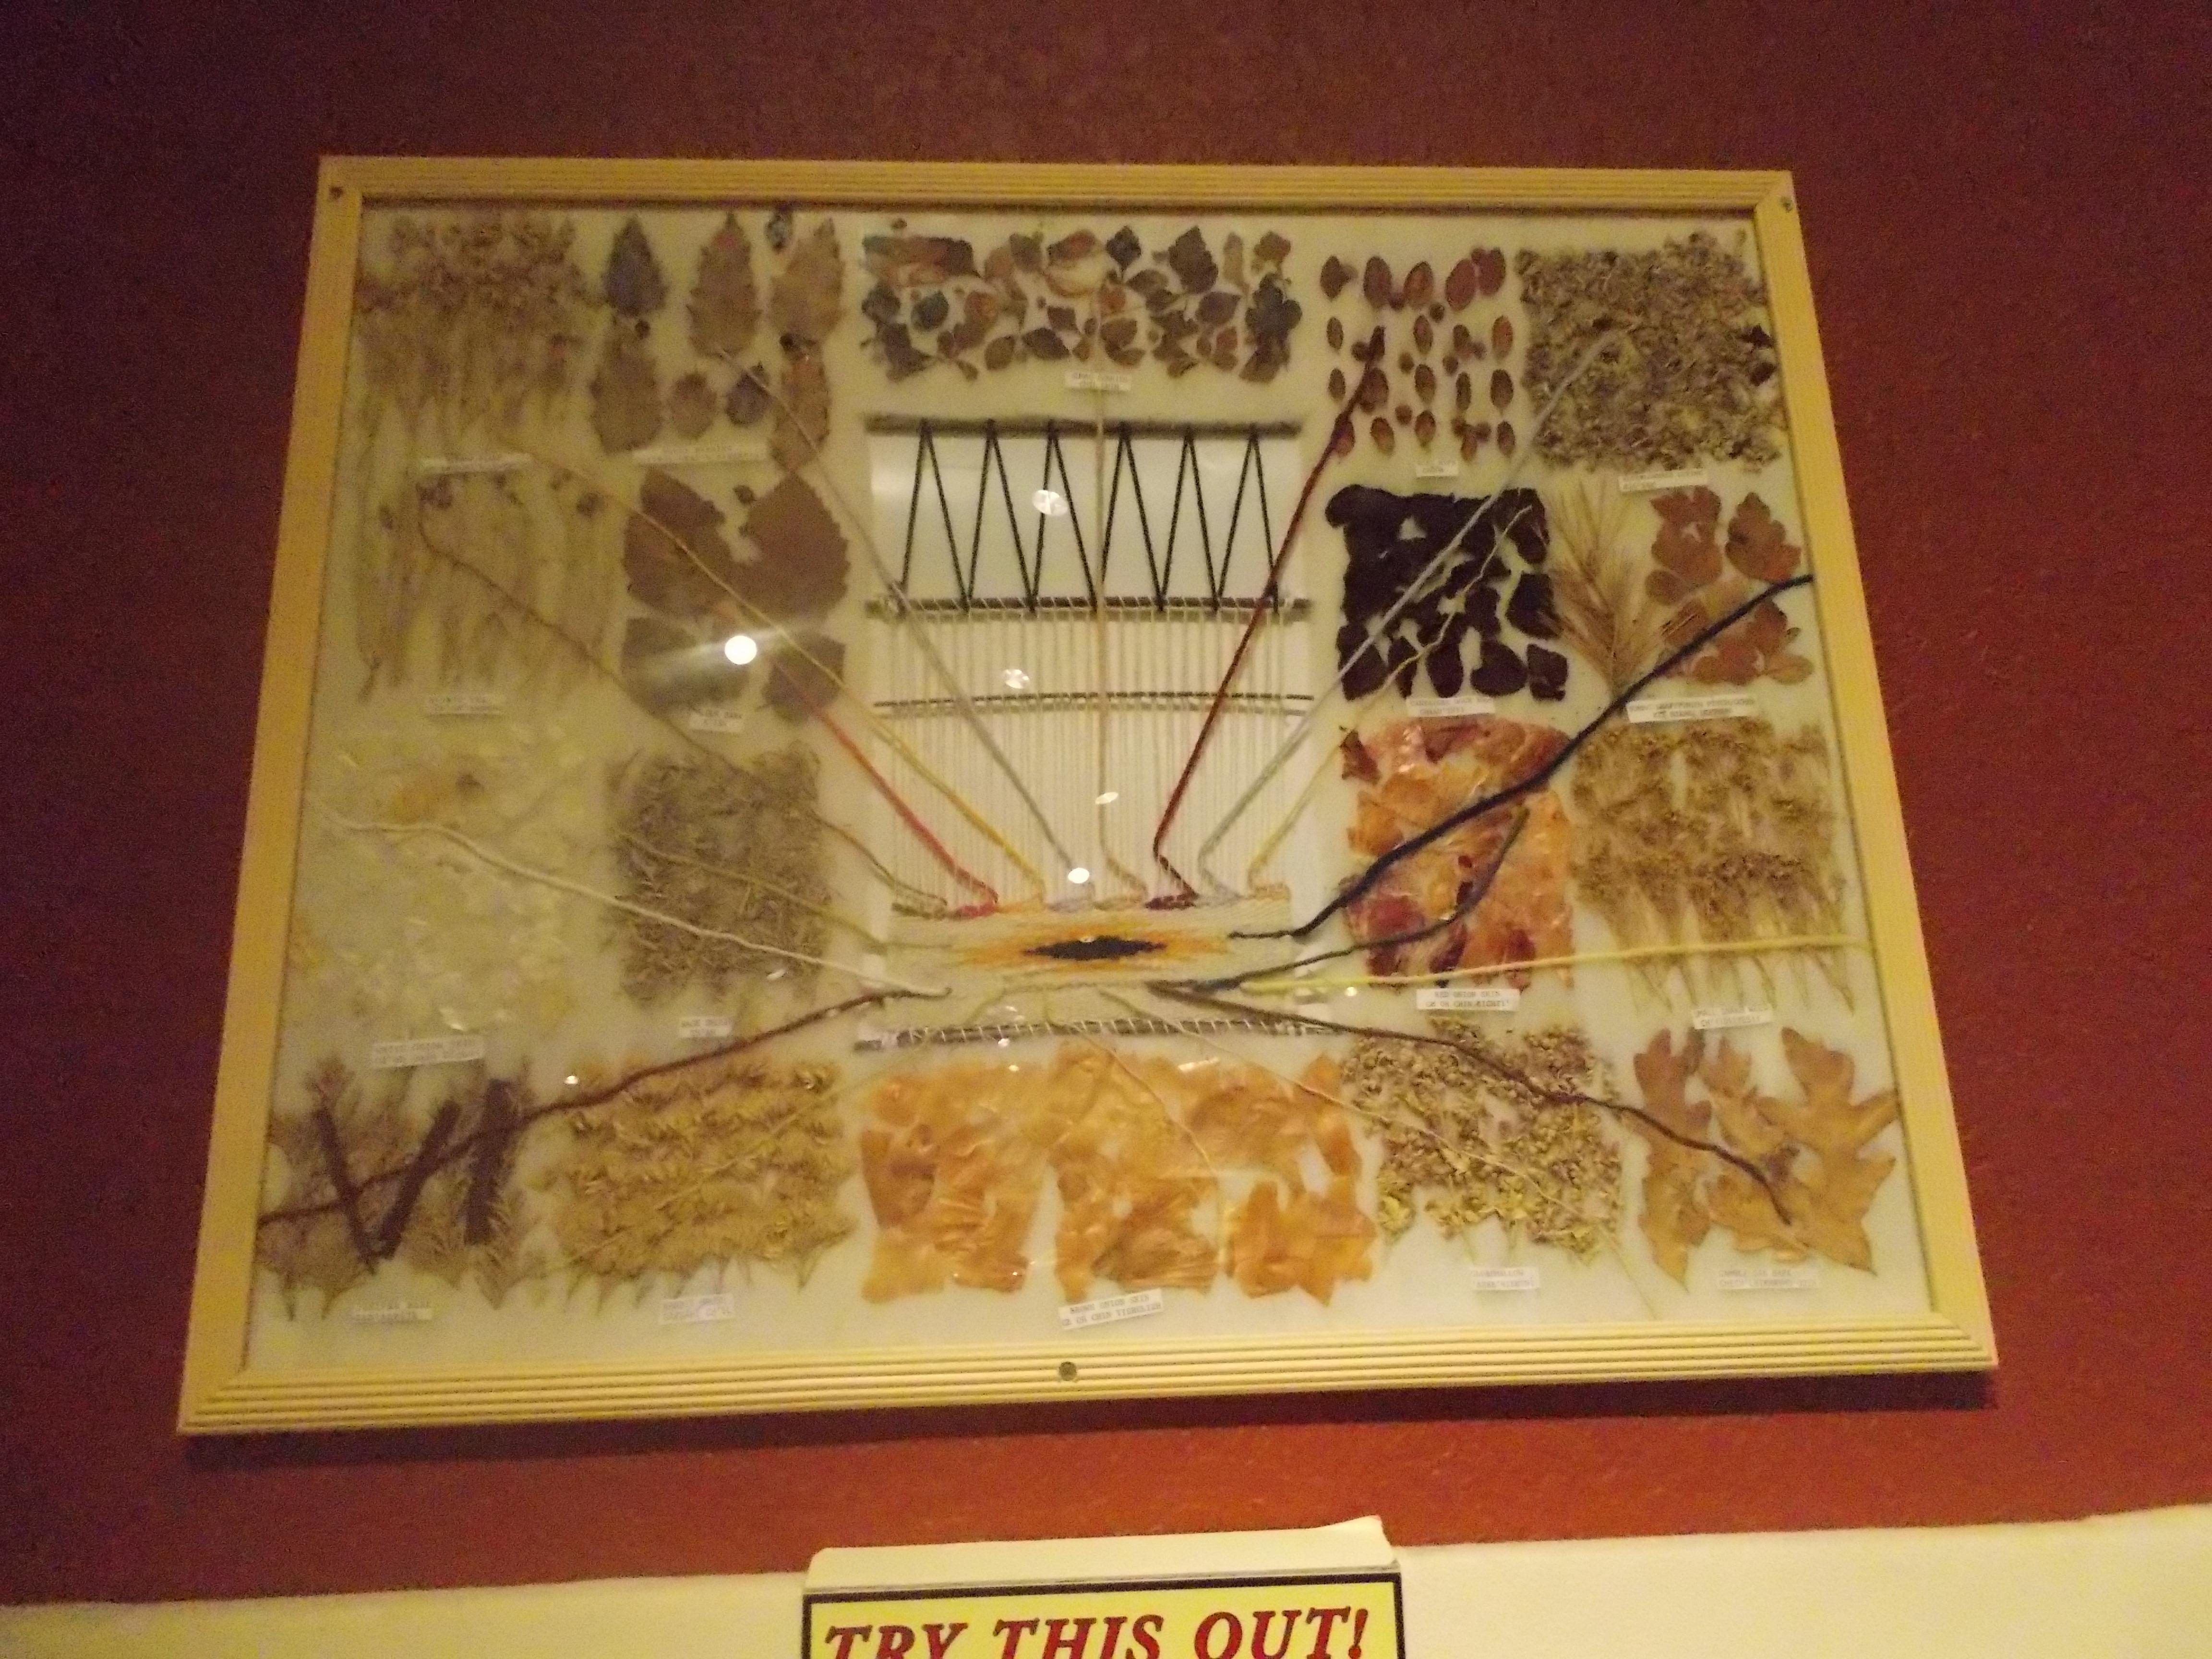 The Anasazi People   Acrobatic Thoughts